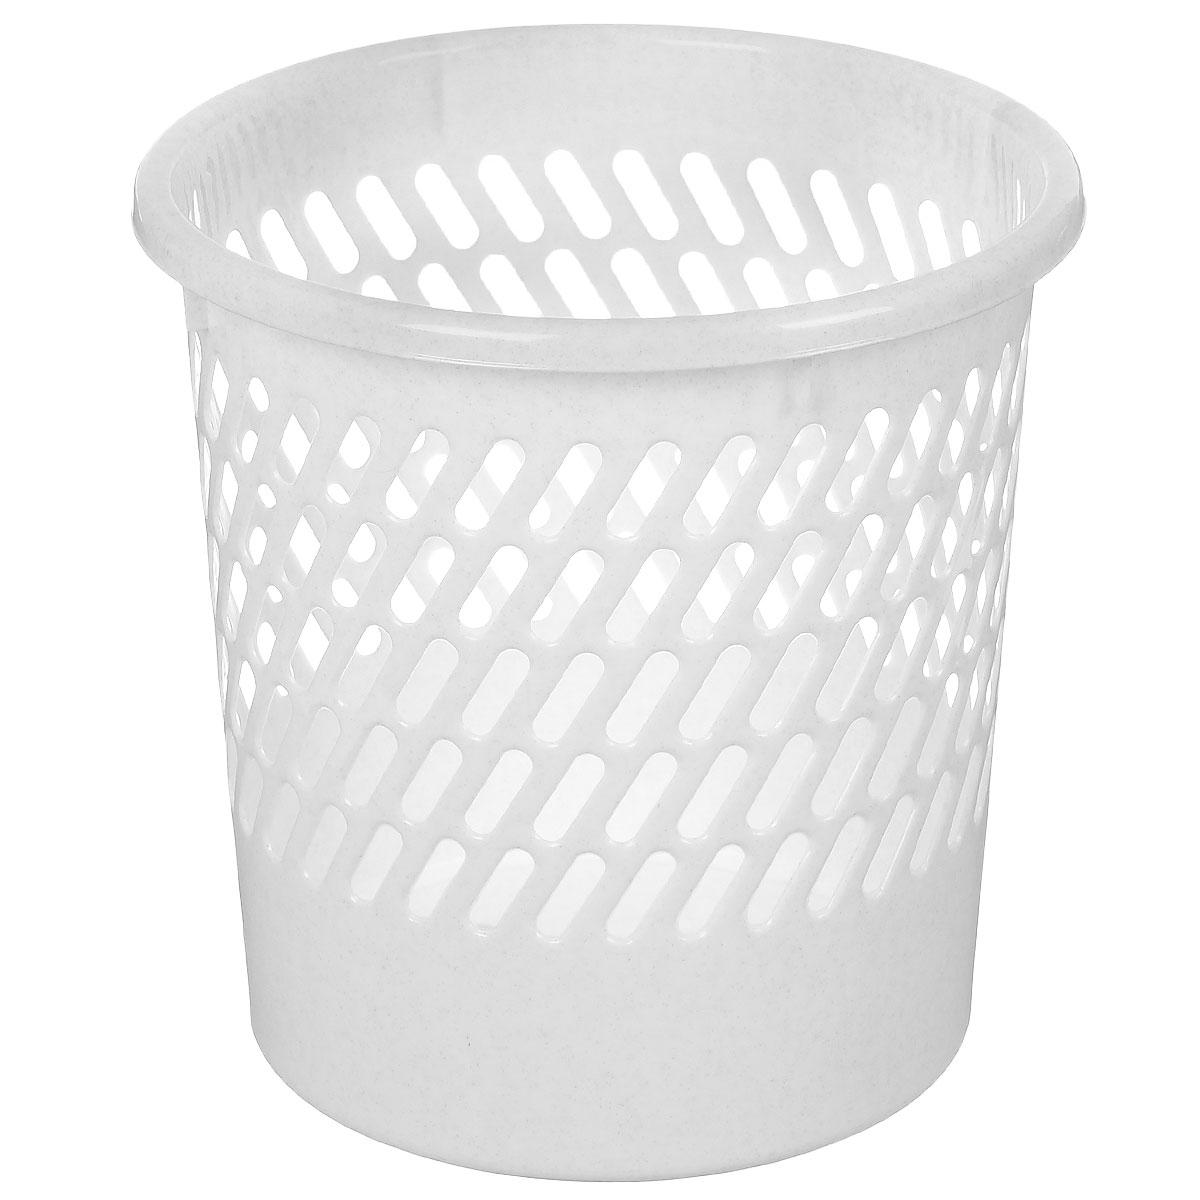 Корзина для бумаг Полимербыт, цвет: мраморный, высота 27 смС909Корзина для бумаг Полимербыт, выполненная из высококачественного полипропилена, предназначена для сбора мелкого мусора и бумаг. Стенки корзины оформлены перфорацией. Удобная компактная корзина прекрасно впишется в интерьер гостиной, спальни, офиса или кабинета. Диаметр (по верхнему краю): 26 см. Высота: 27 см.